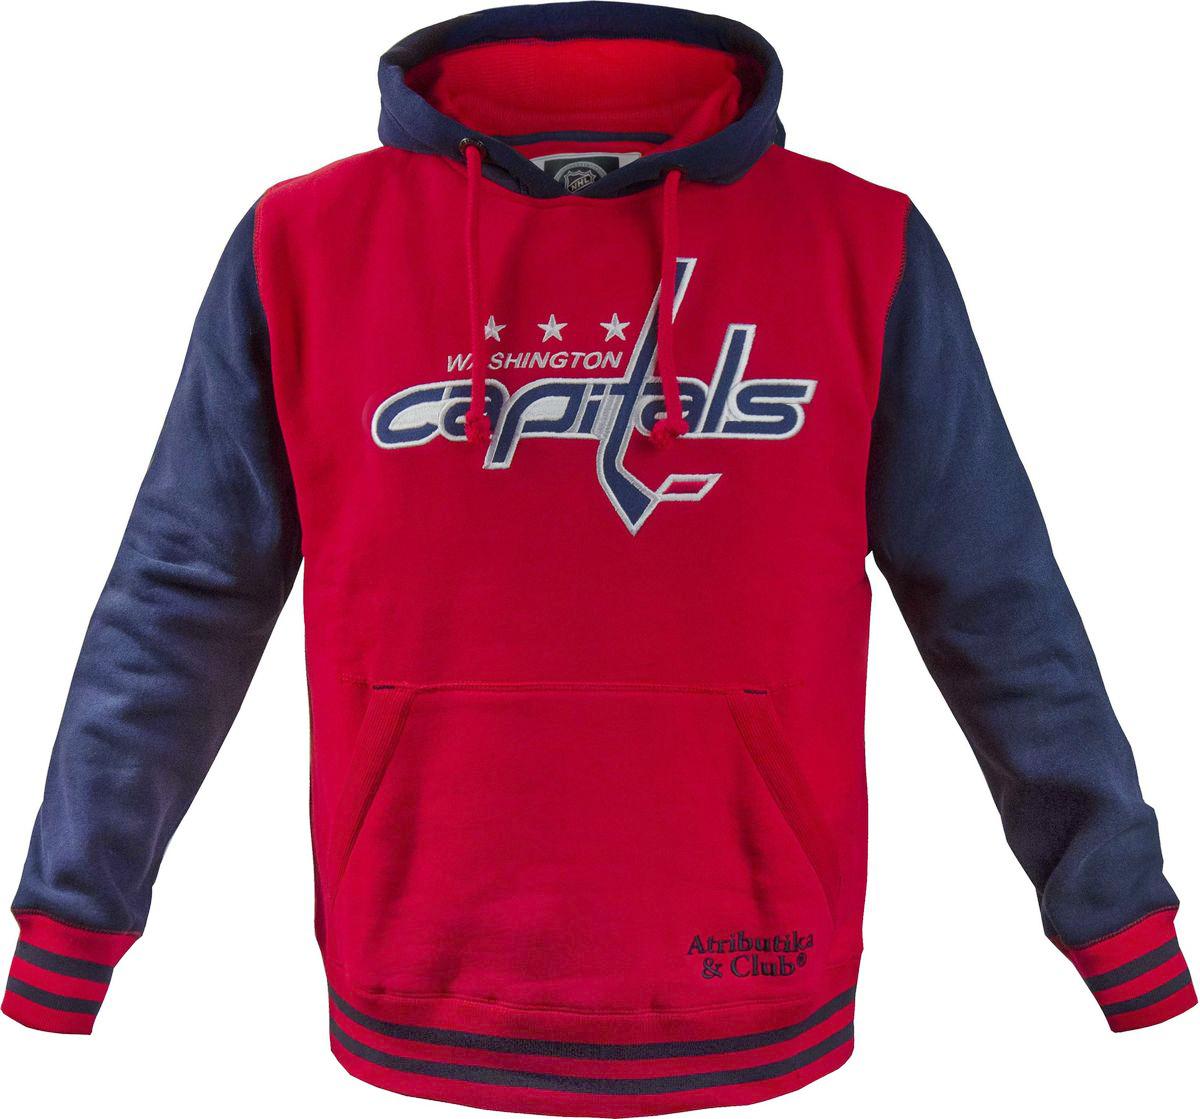 Толстовка мужская Atributika & Club Washington Capitals, цвет: красный, синий. 35790. Размер XS (44)35790